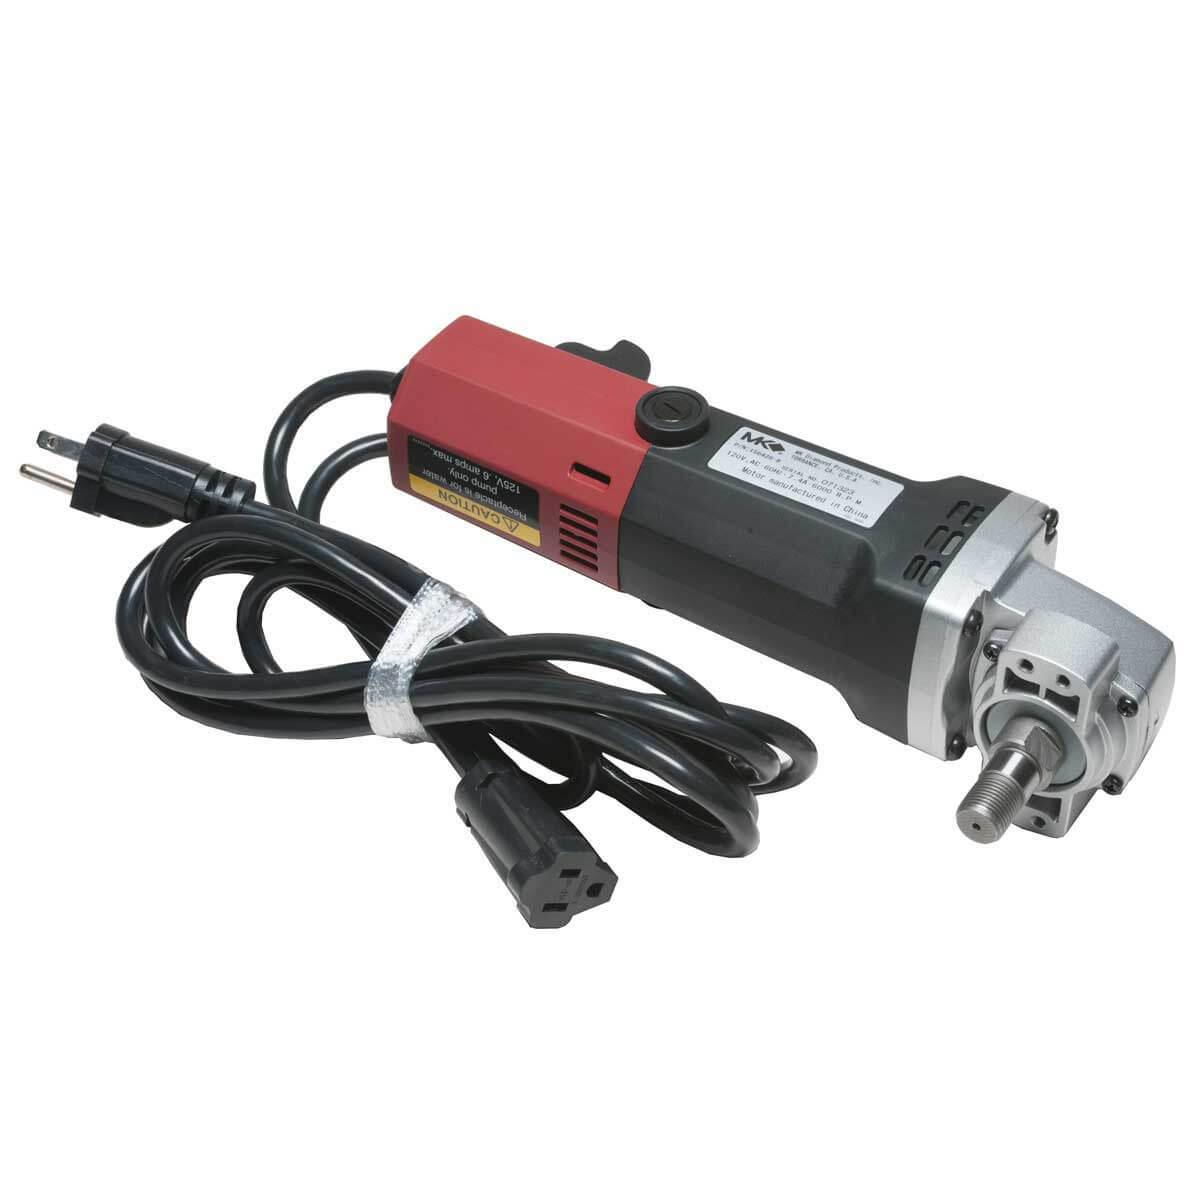 156428 r mk 370 tile saw replacement motor ryobi